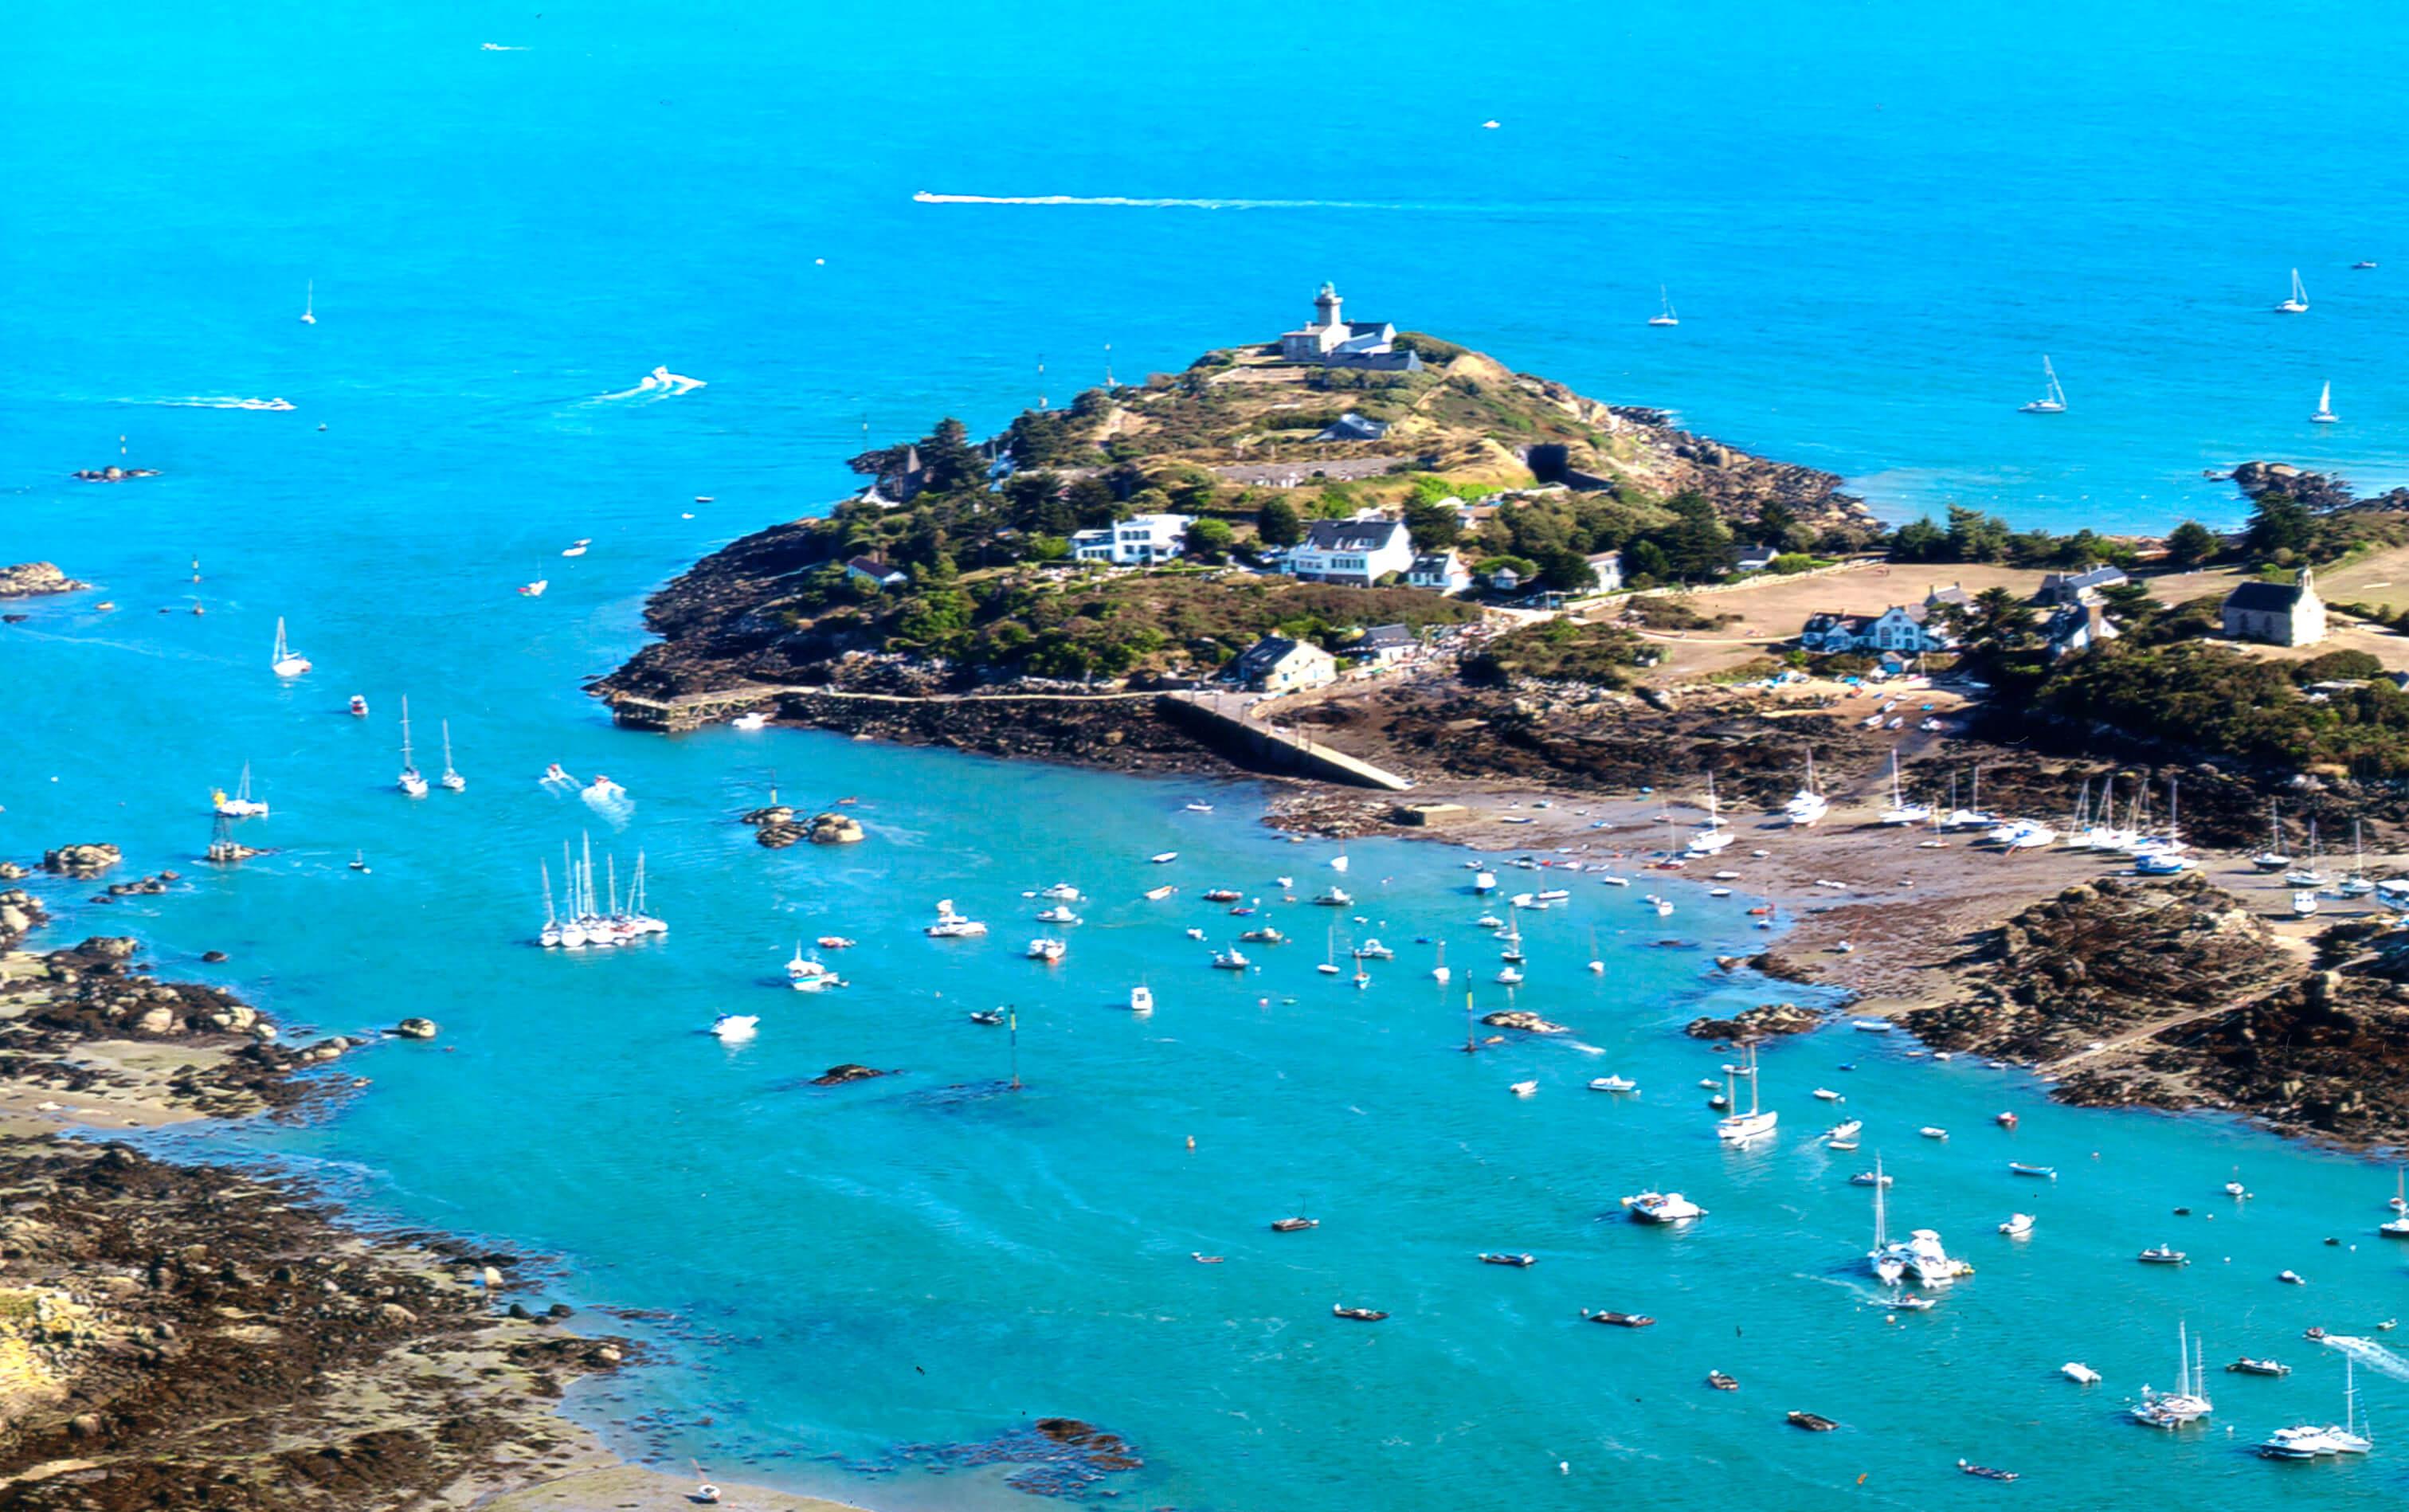 Les iles chausey - GÎTE LES ROCHES GRISES - Location de Gite La Clef Decamp - Laclefdecamp.fr